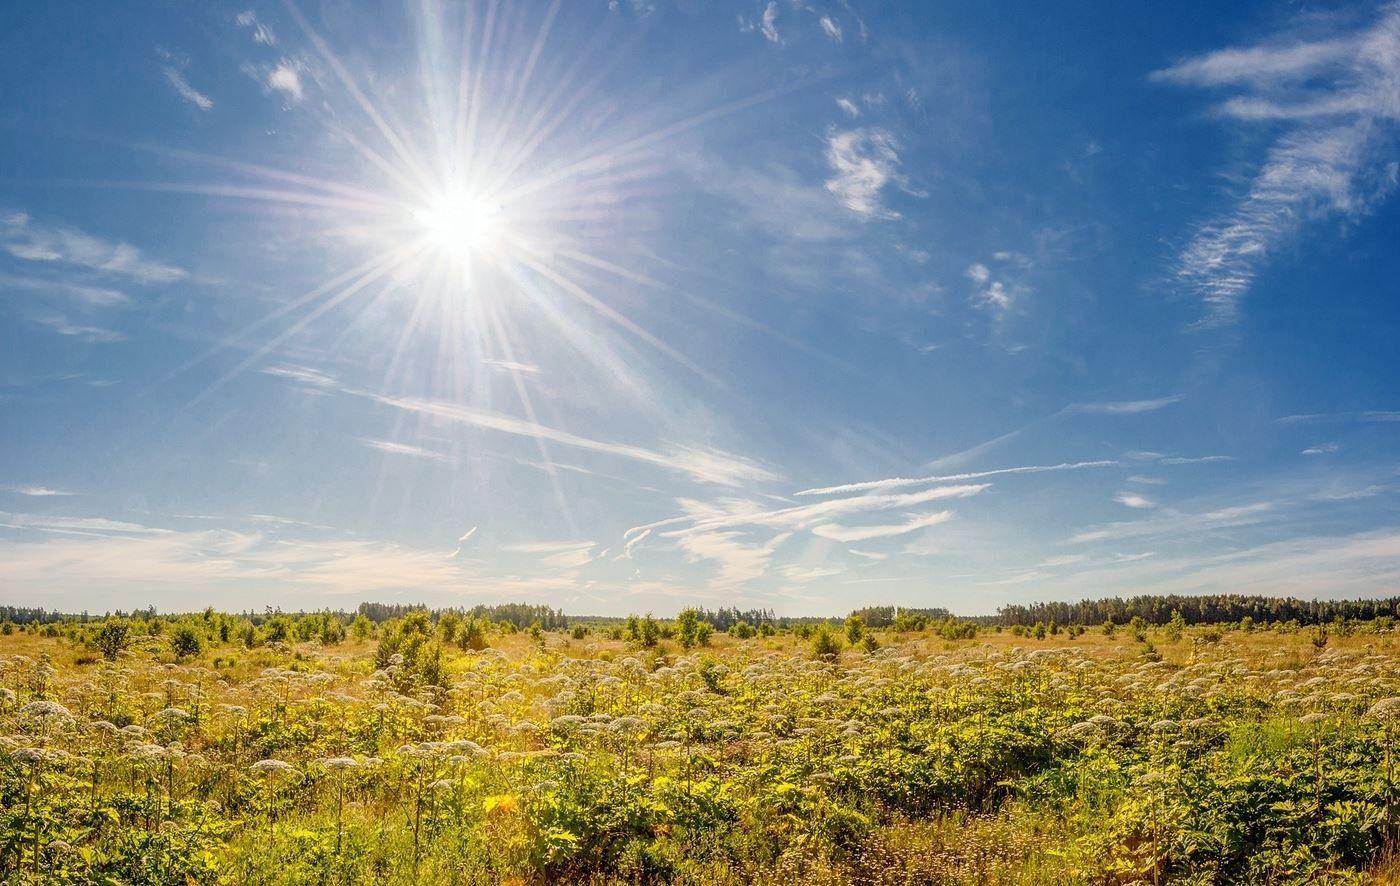 В Украину возвращается лето: в каких областях можно ожидать жаркую погоду